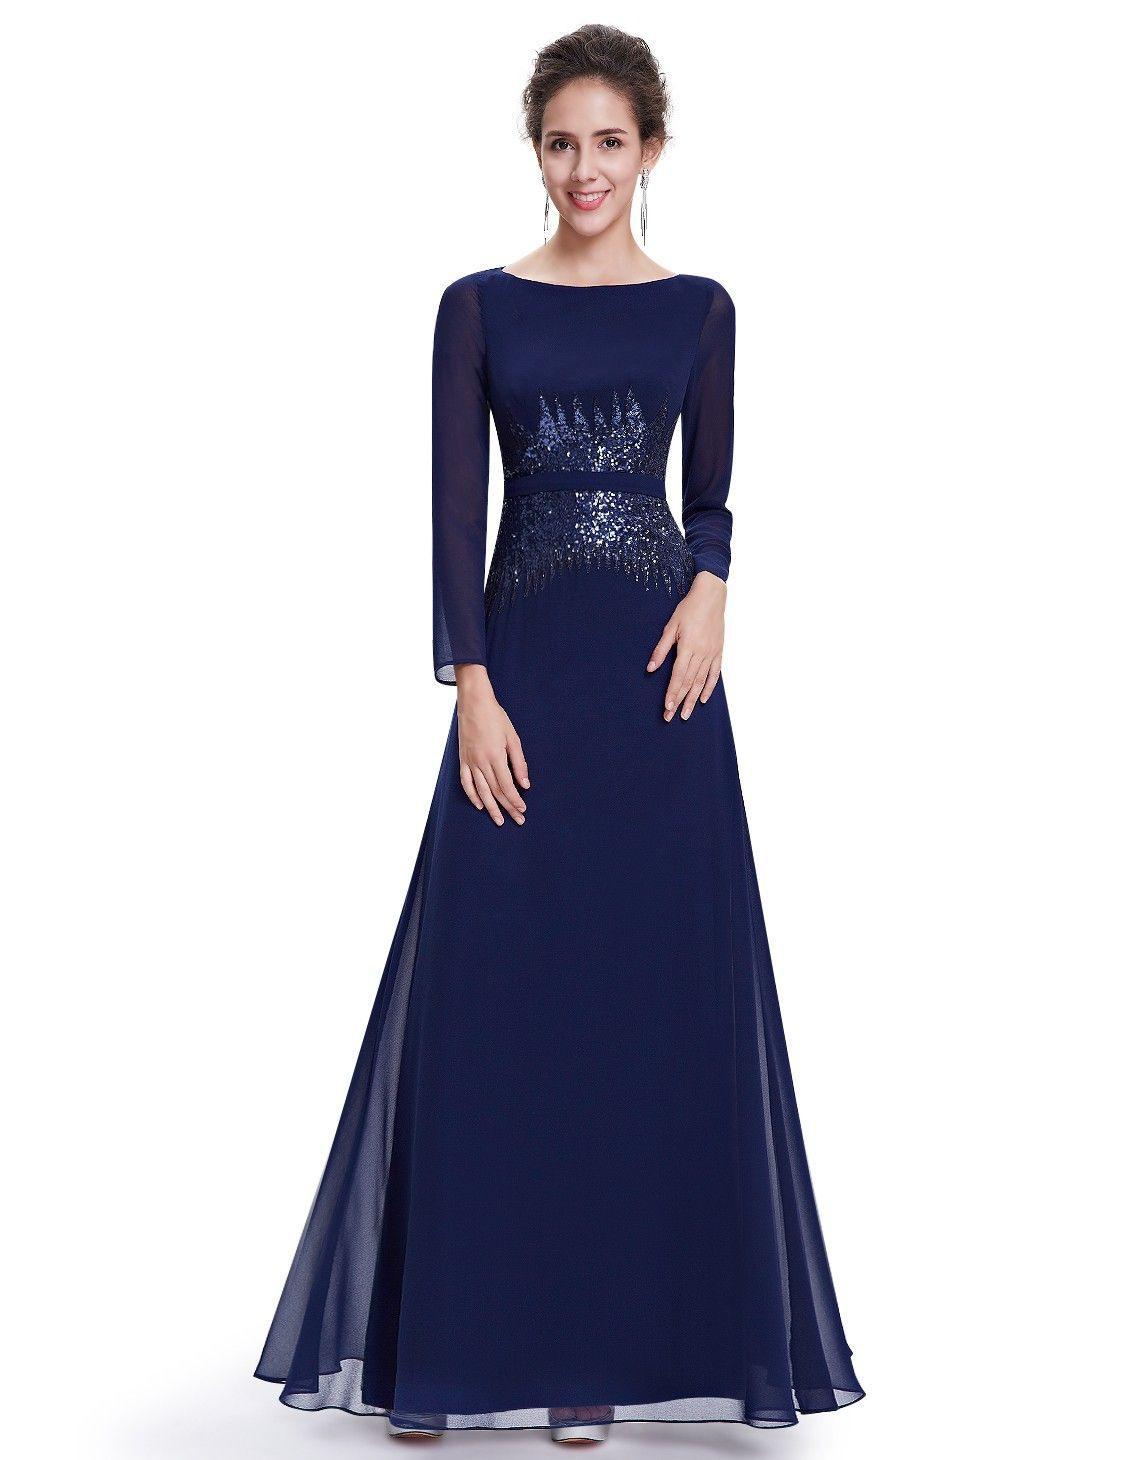 Abendmode / Langarm Abendkleid In Blau Mit Bildern